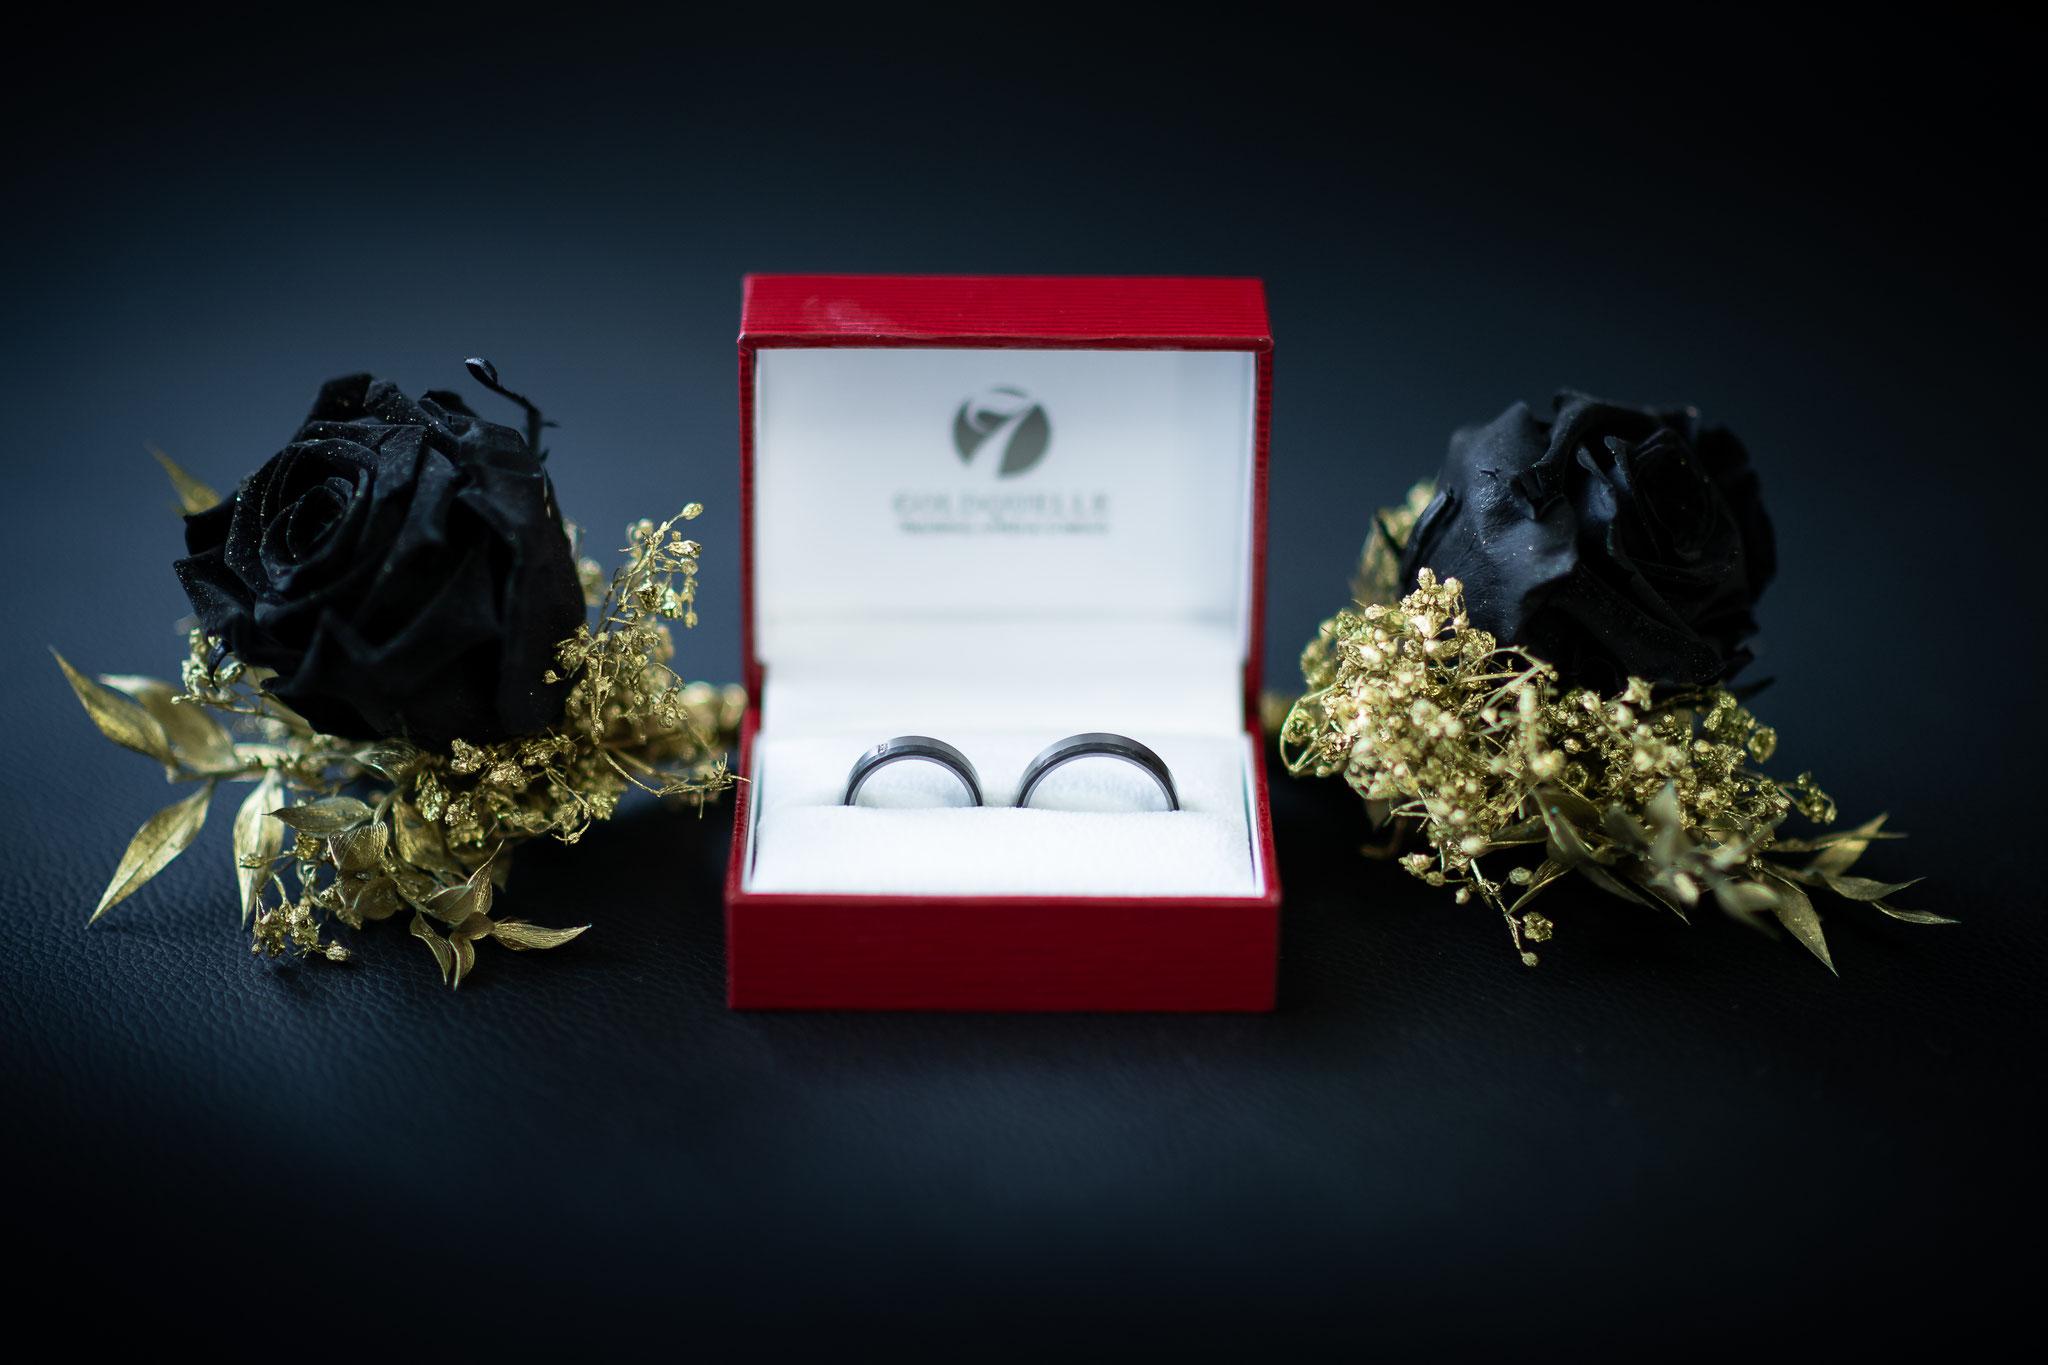 Hochzeitsringe in schwarzer Farbe aus Titan und Edelstahl dekoriert mit zwei schwarzen Rosen